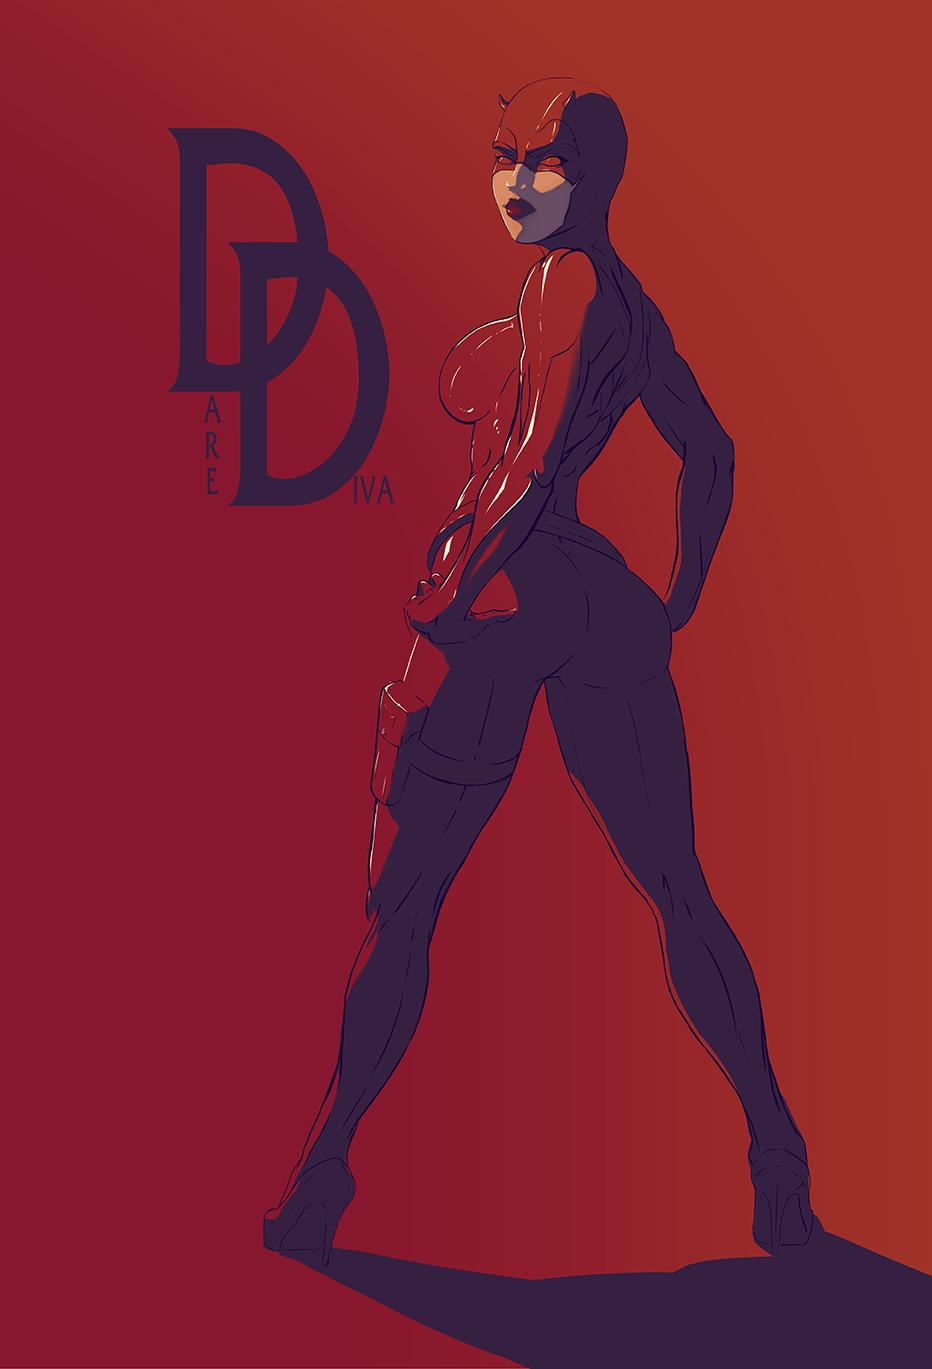 DareDiva - Female DareDevil